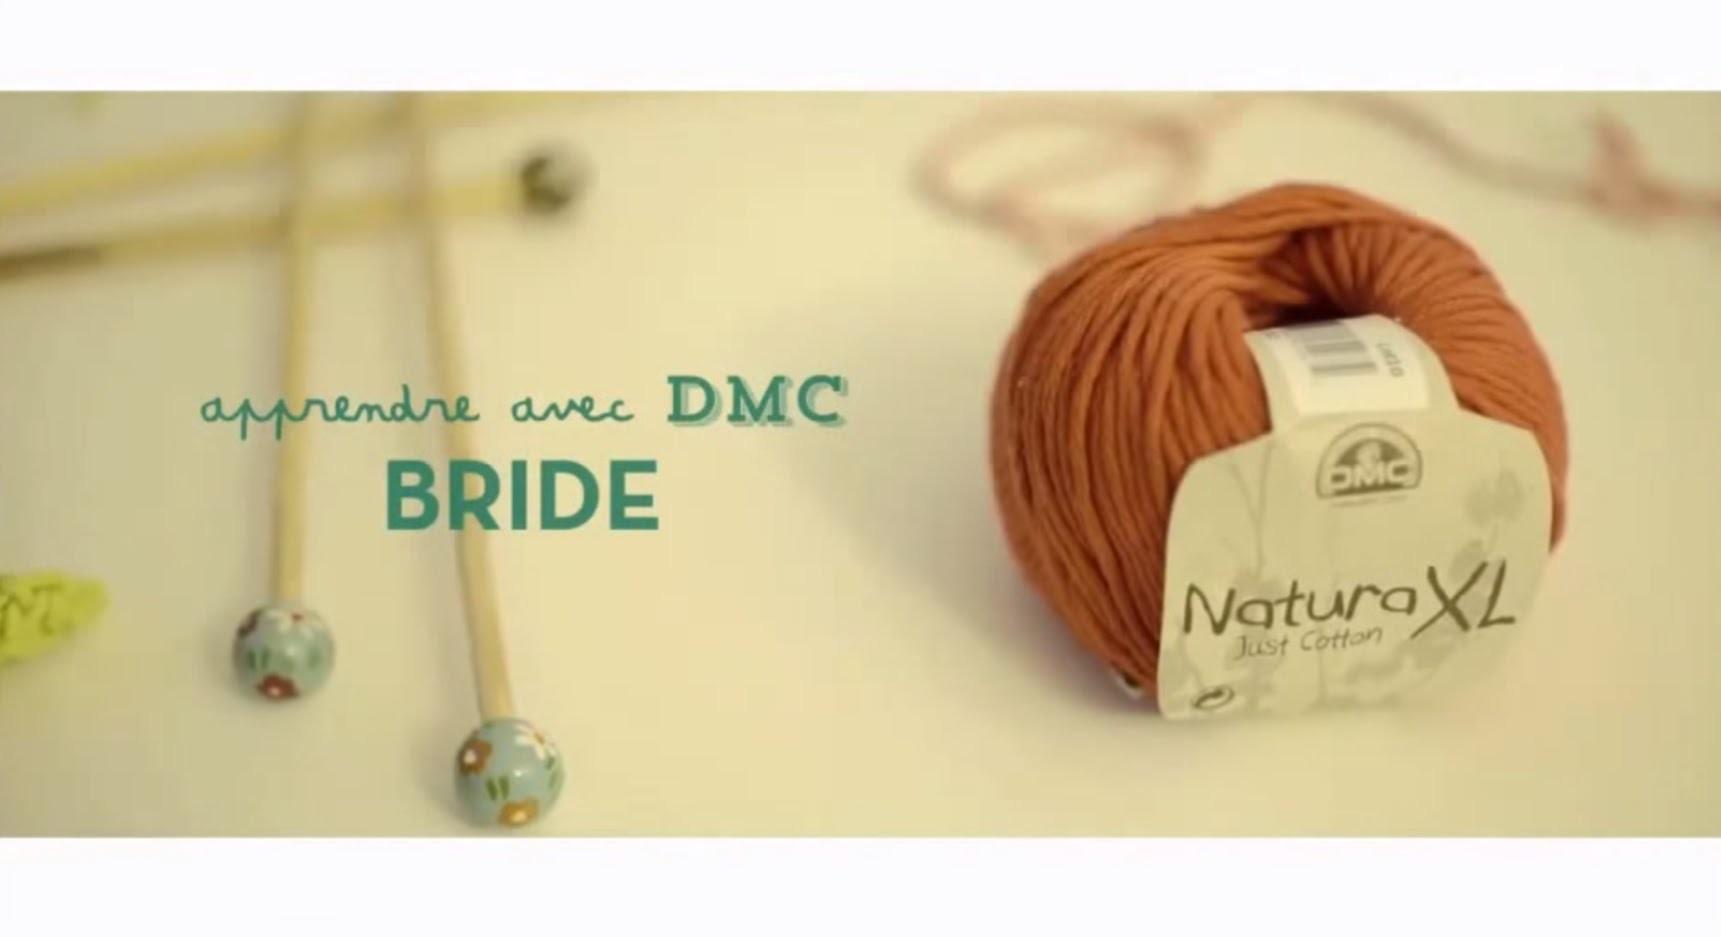 Tuto crochet : apprendre à faire une bride avec DMC